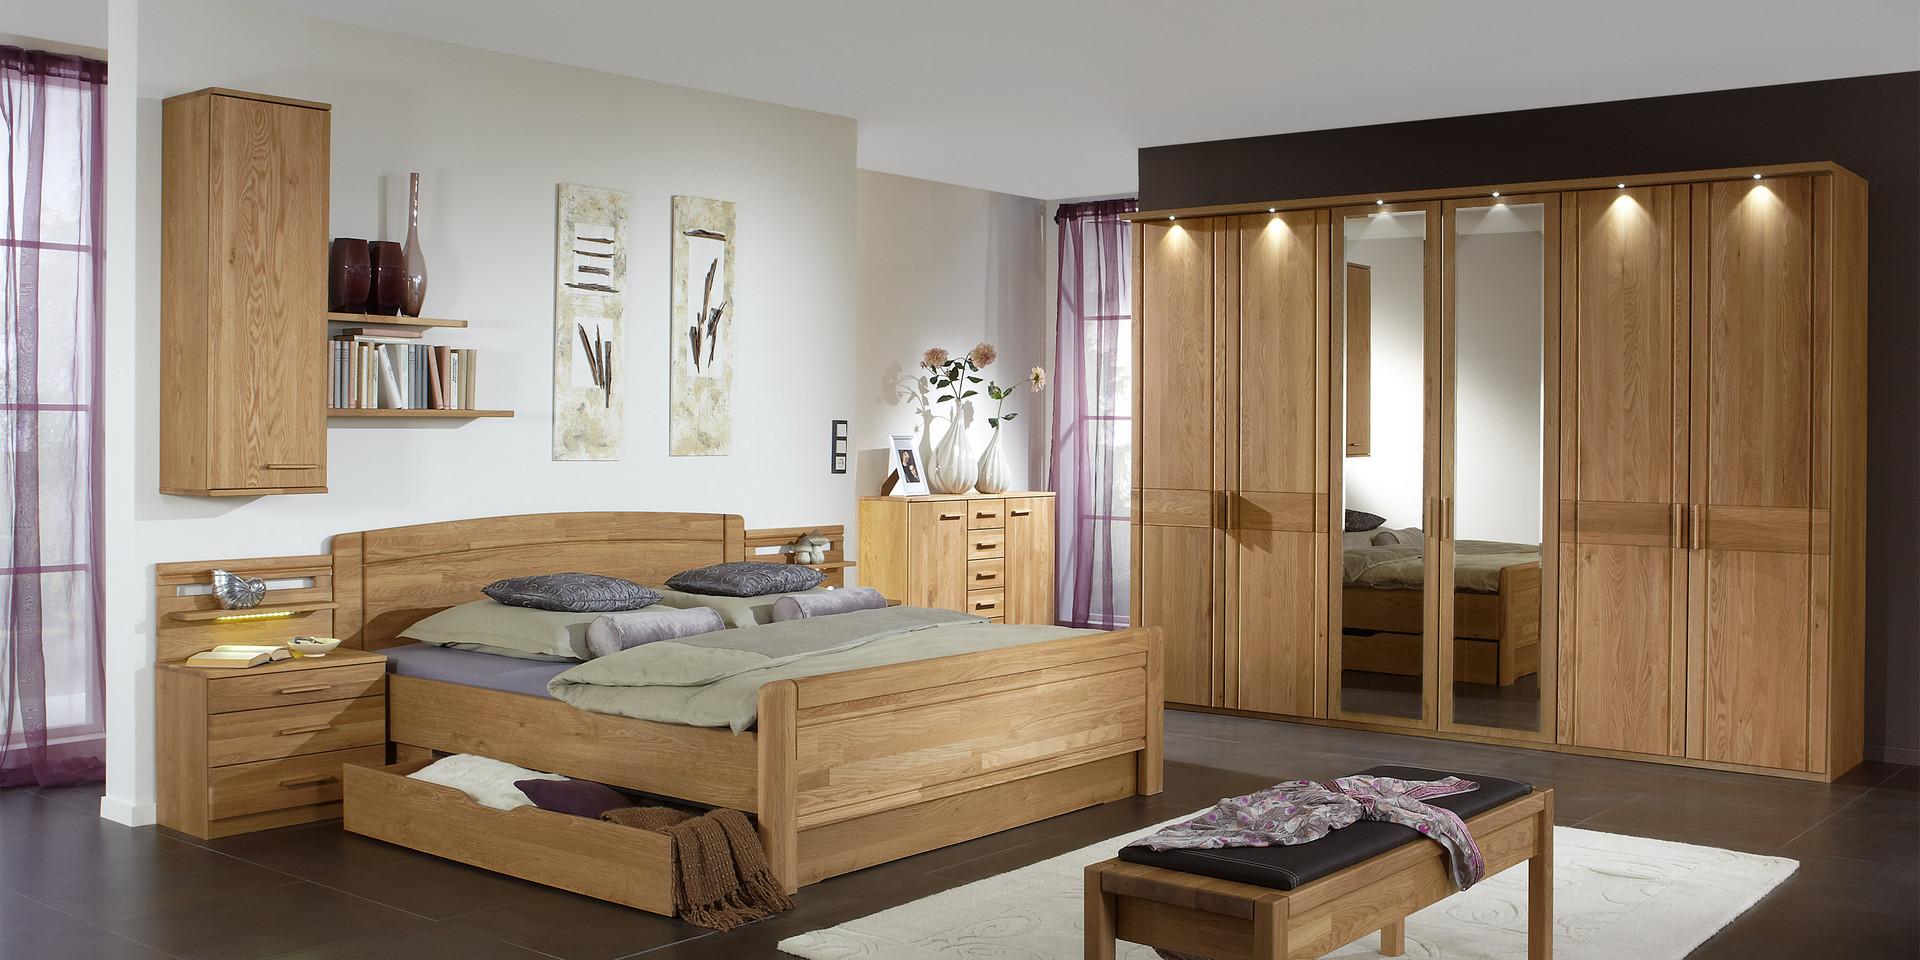 Erleben Sie das Schlafzimmer Münster | Möbelhersteller Wiemann ...